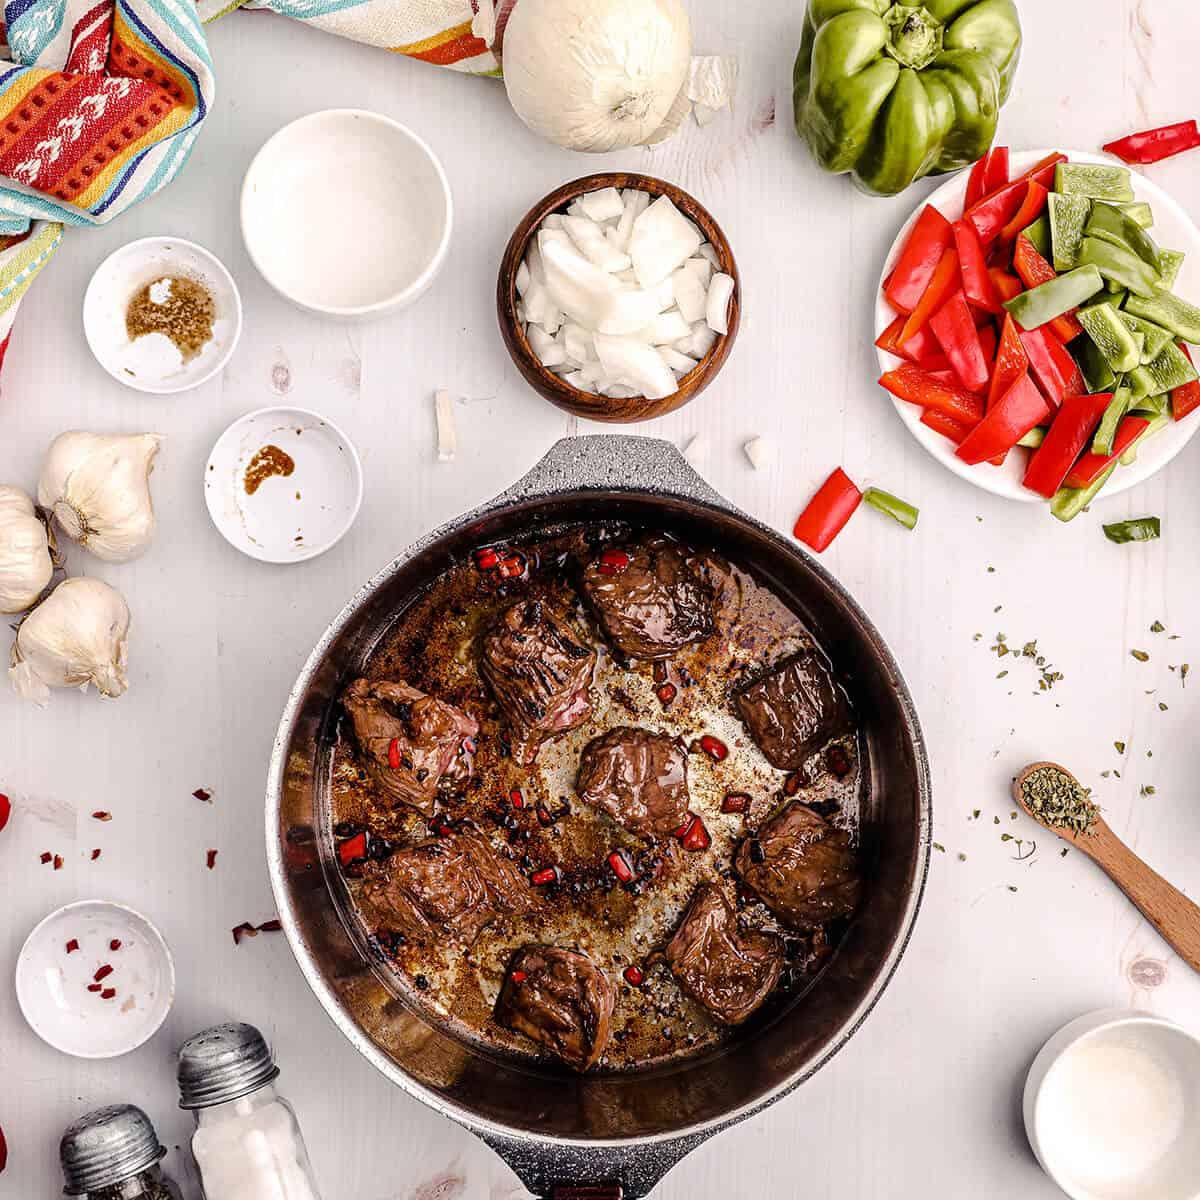 Searing skirt steak in a heavy pan.